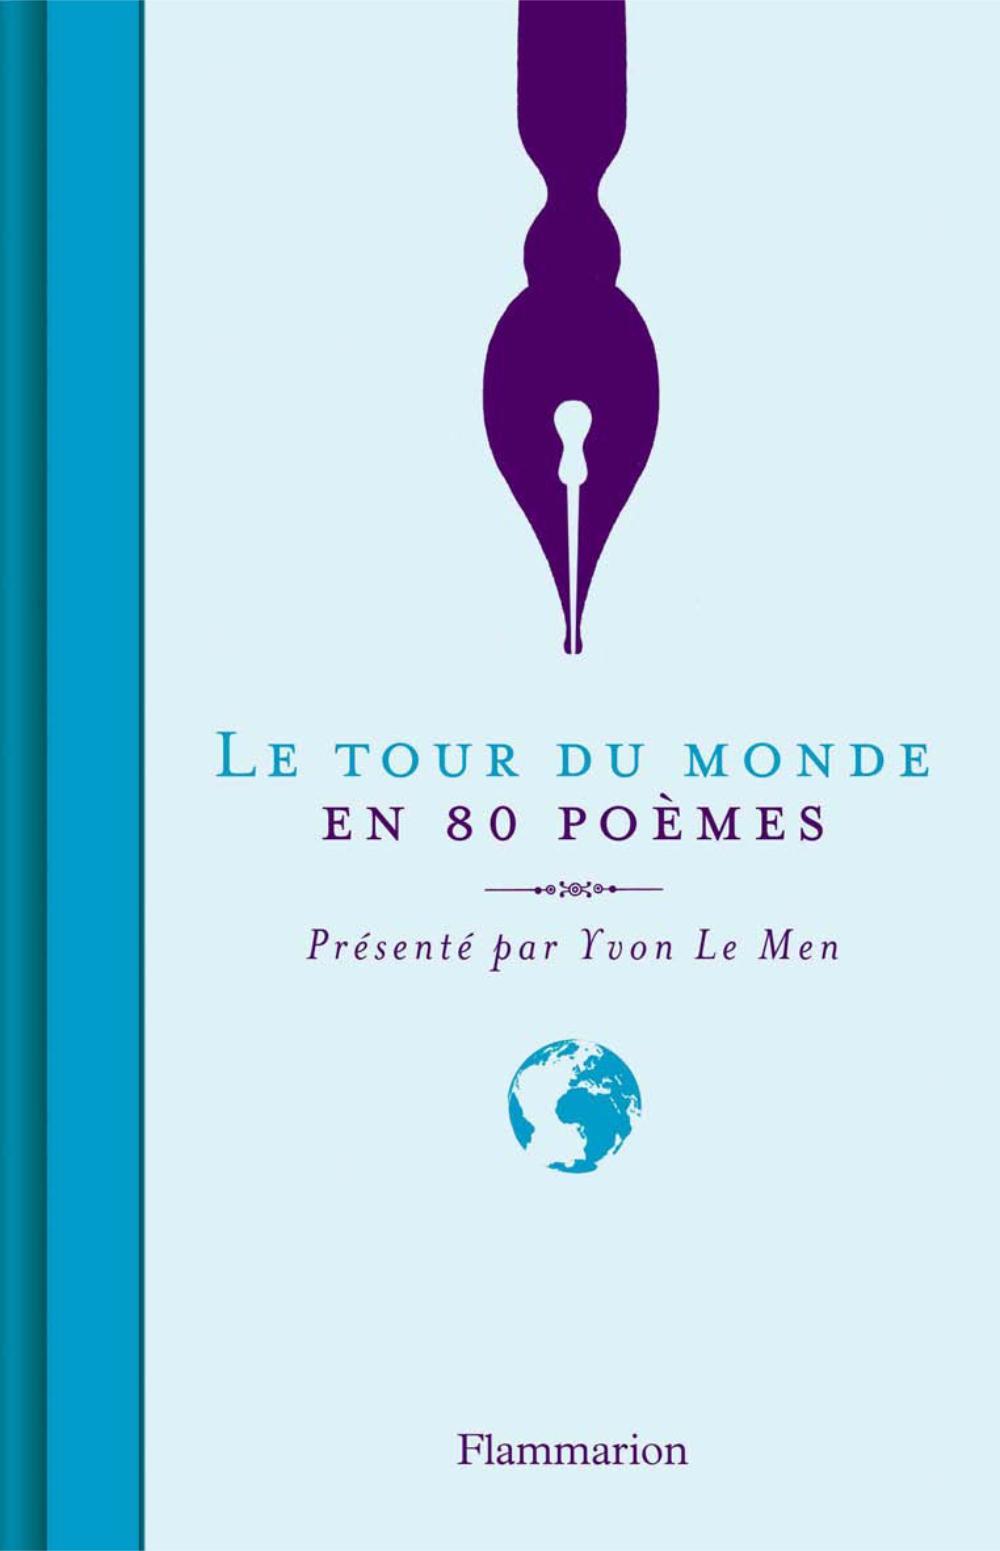 Le Tour du monde en 80 poèmes